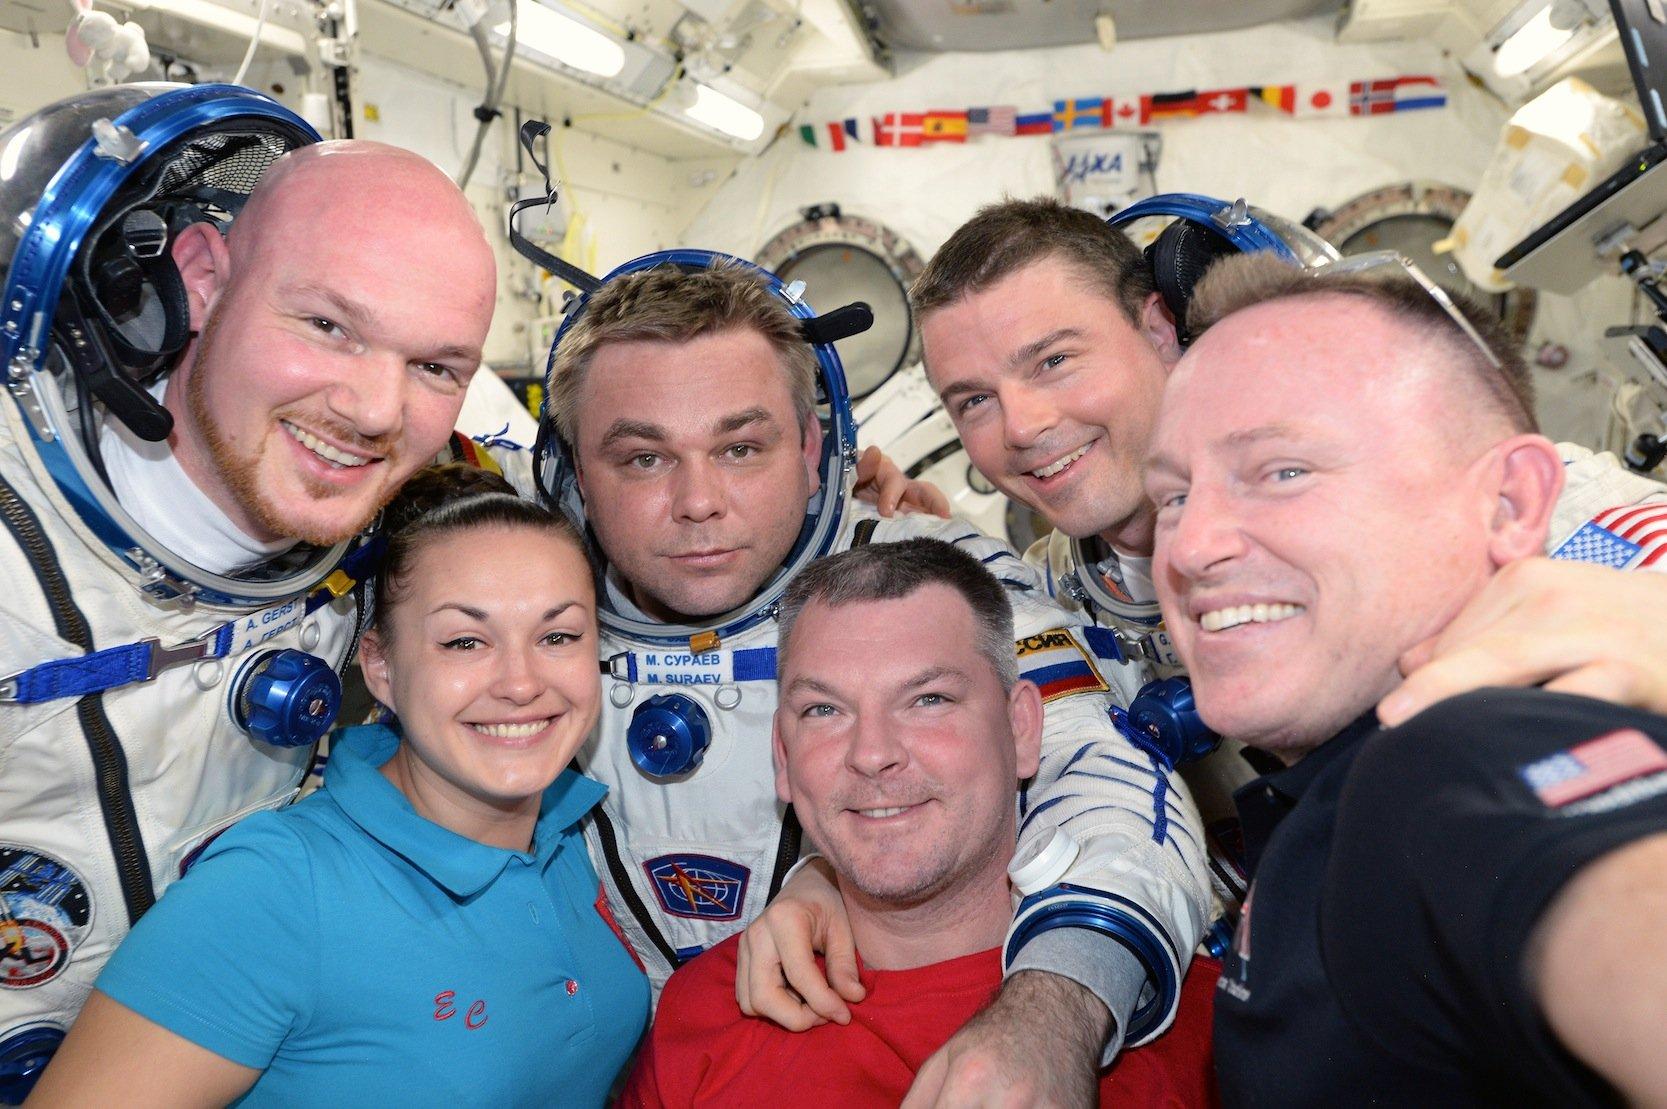 Crew 41 in der ISS: Der deutsche Astronaut Gerst (l.) war von Ende Mai bis zum 10. November 2014 im All. 2018 wird er drei Monate lang der Chef der Station sein.